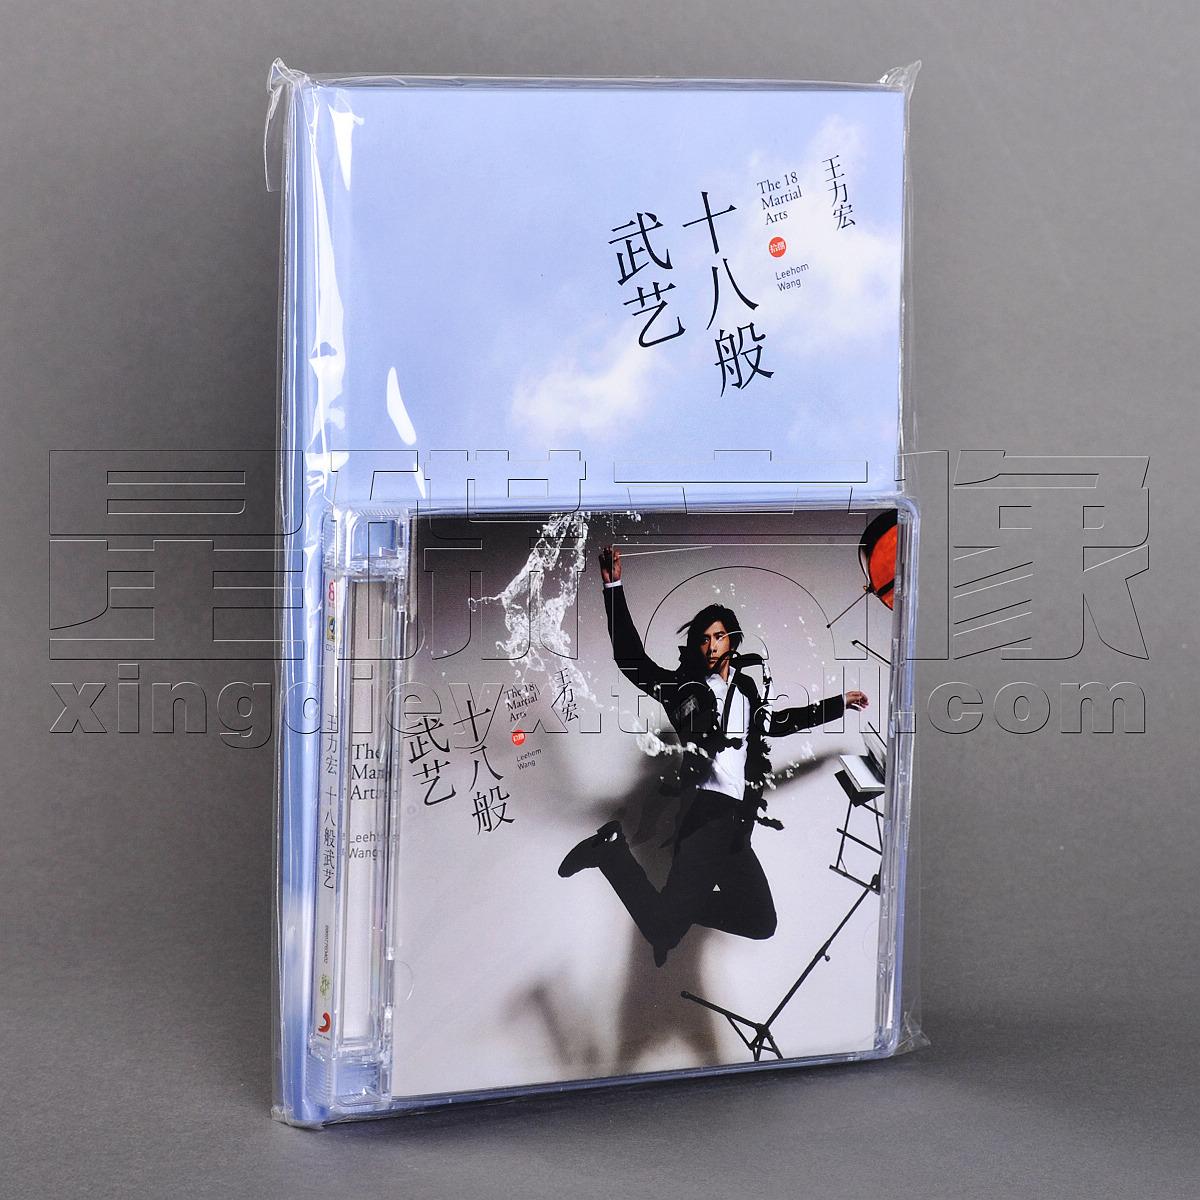 【新索】王力宏:十八般武艺 精装版 2010专辑 CD+笔记本